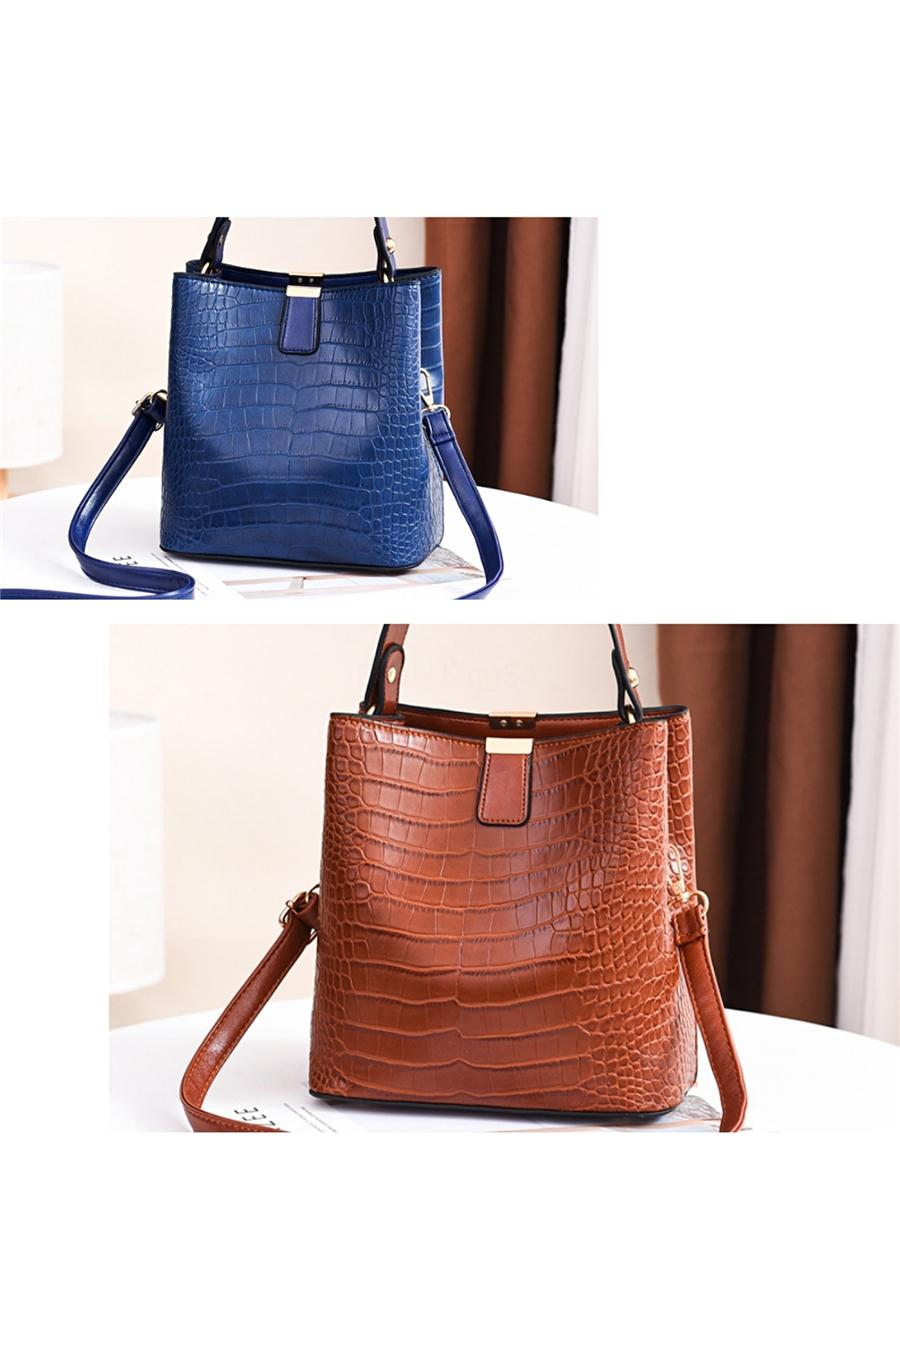 2020 Newset lujo mujeres de los bolsos de cocodrilo diseñador de la vendimia de las mujeres, bolsos de alta calidad de Mujer Bolsas de hombro de las muchachas de piel P # 430